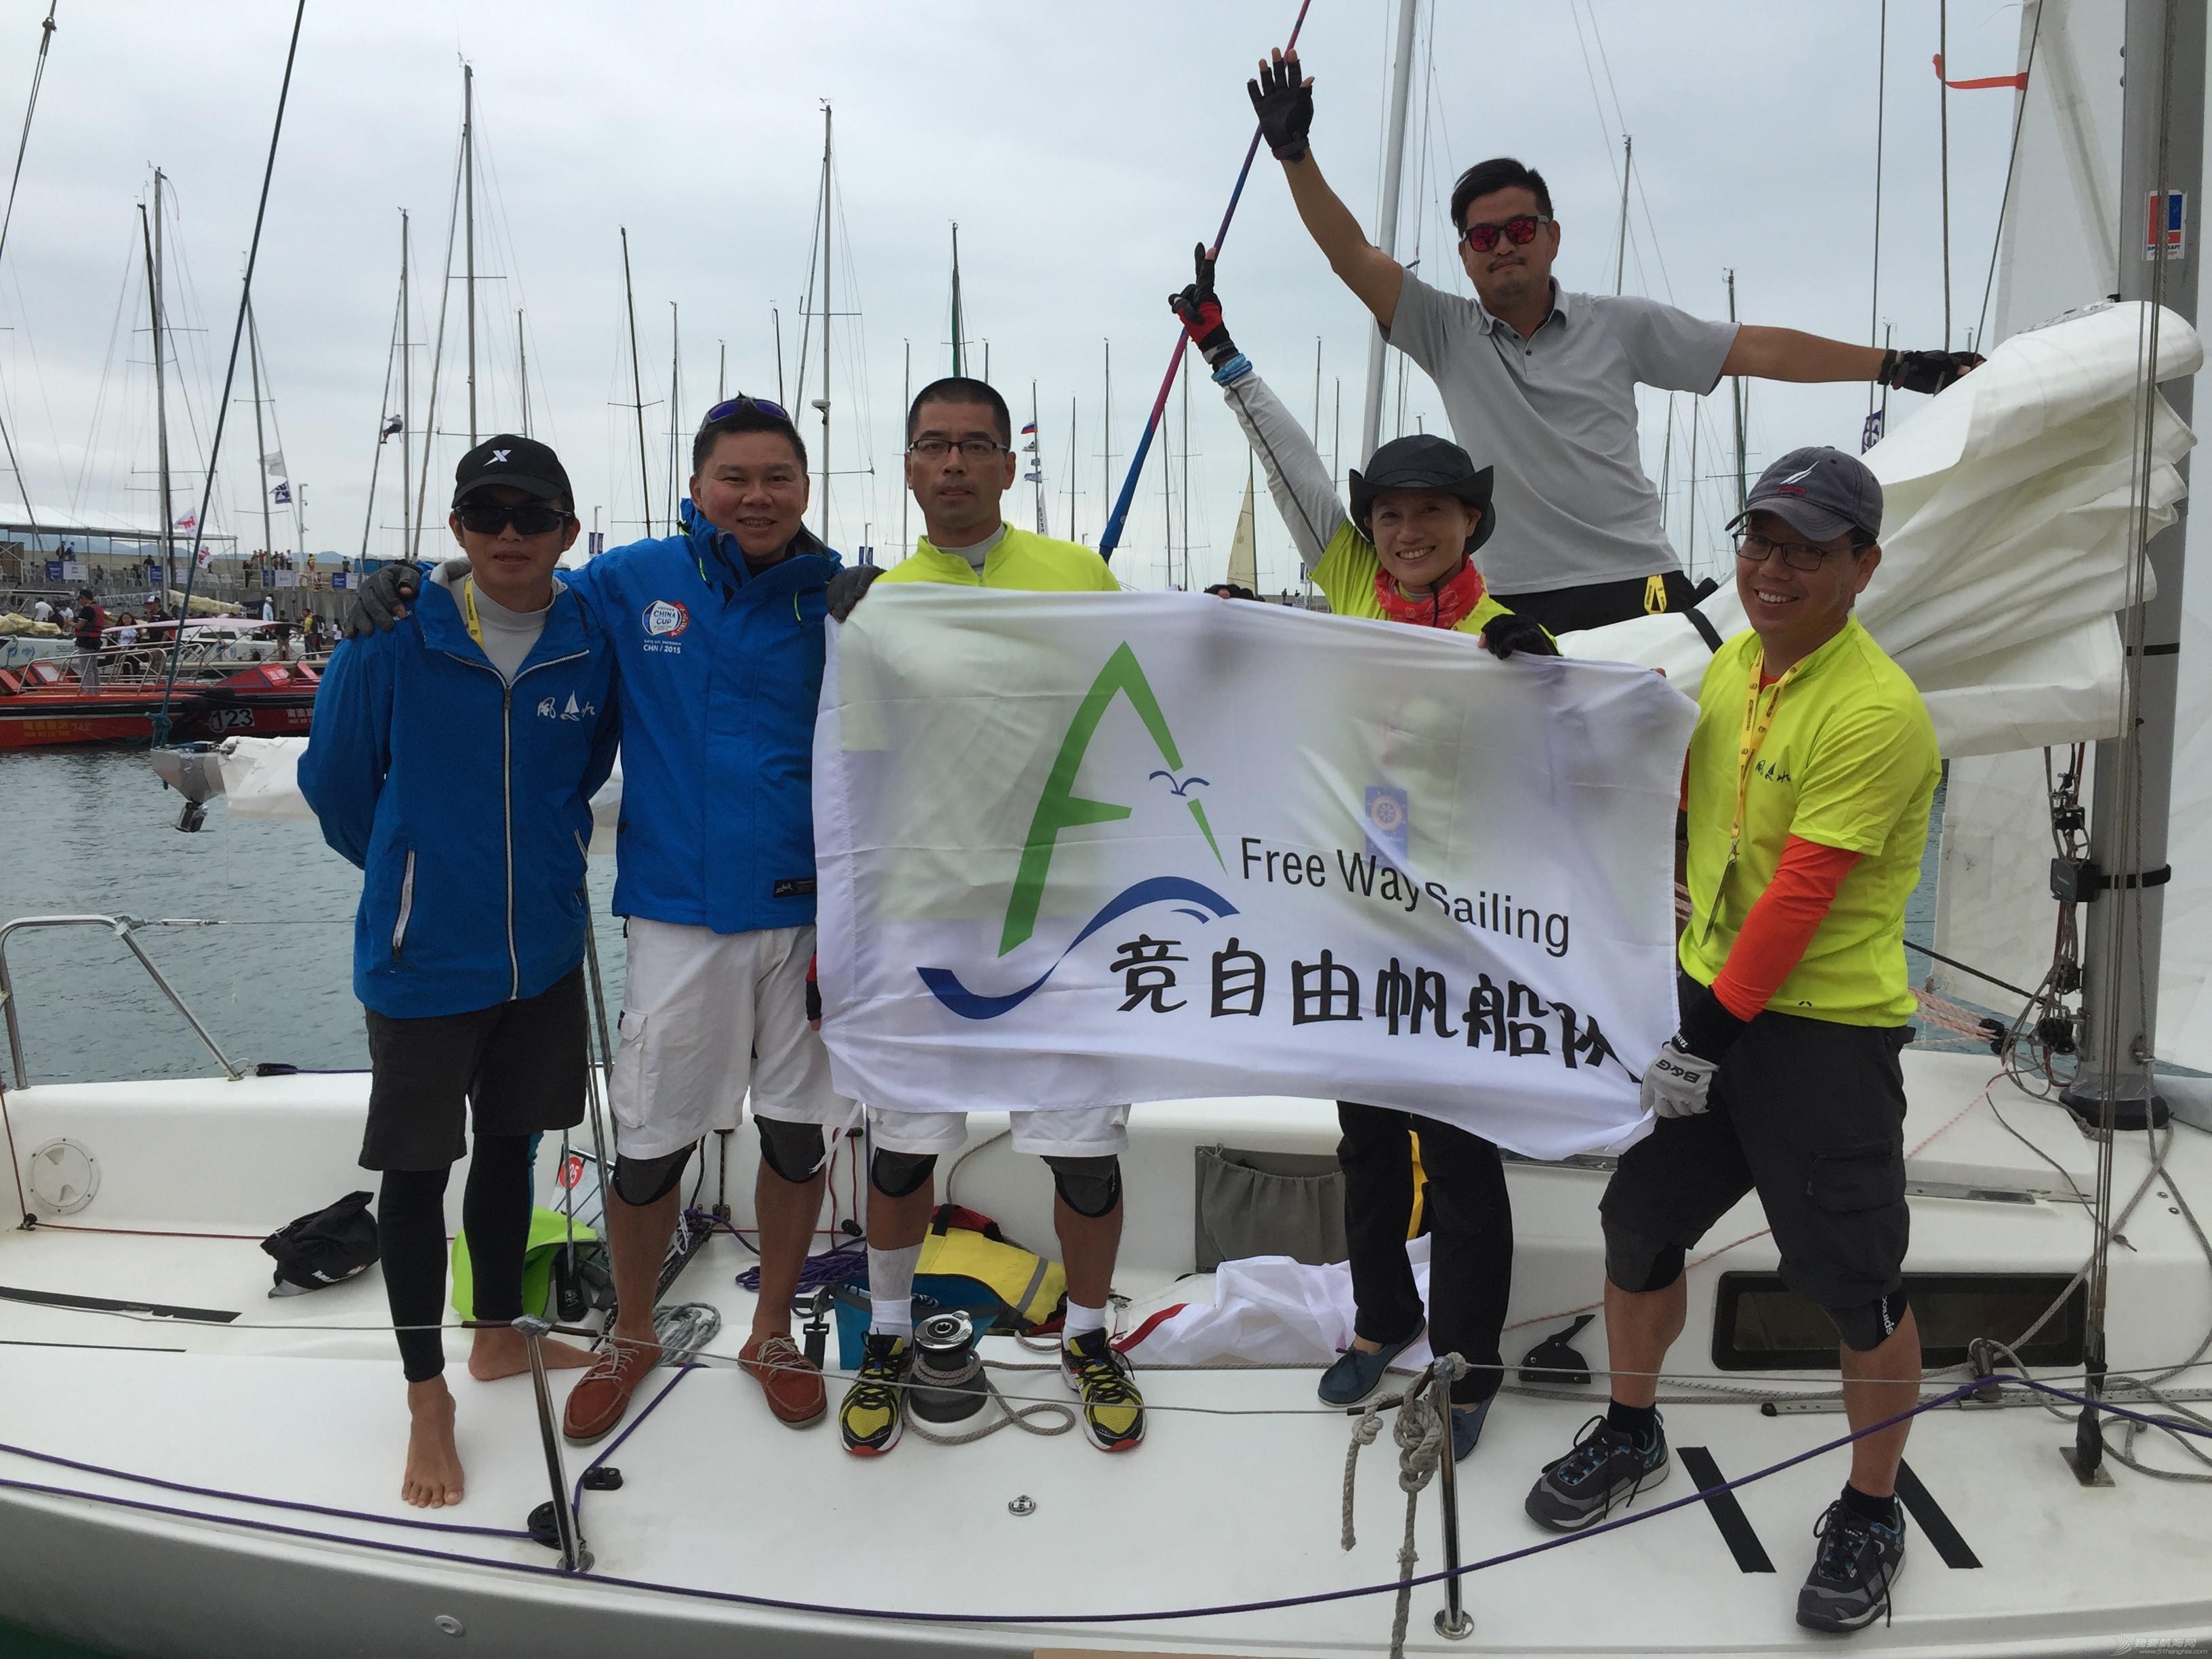 中国,帆船 竞自由帆船队首秀第九届中国杯帆船赛 FDC28E649CEB78969CE79A3FF55A857C.png